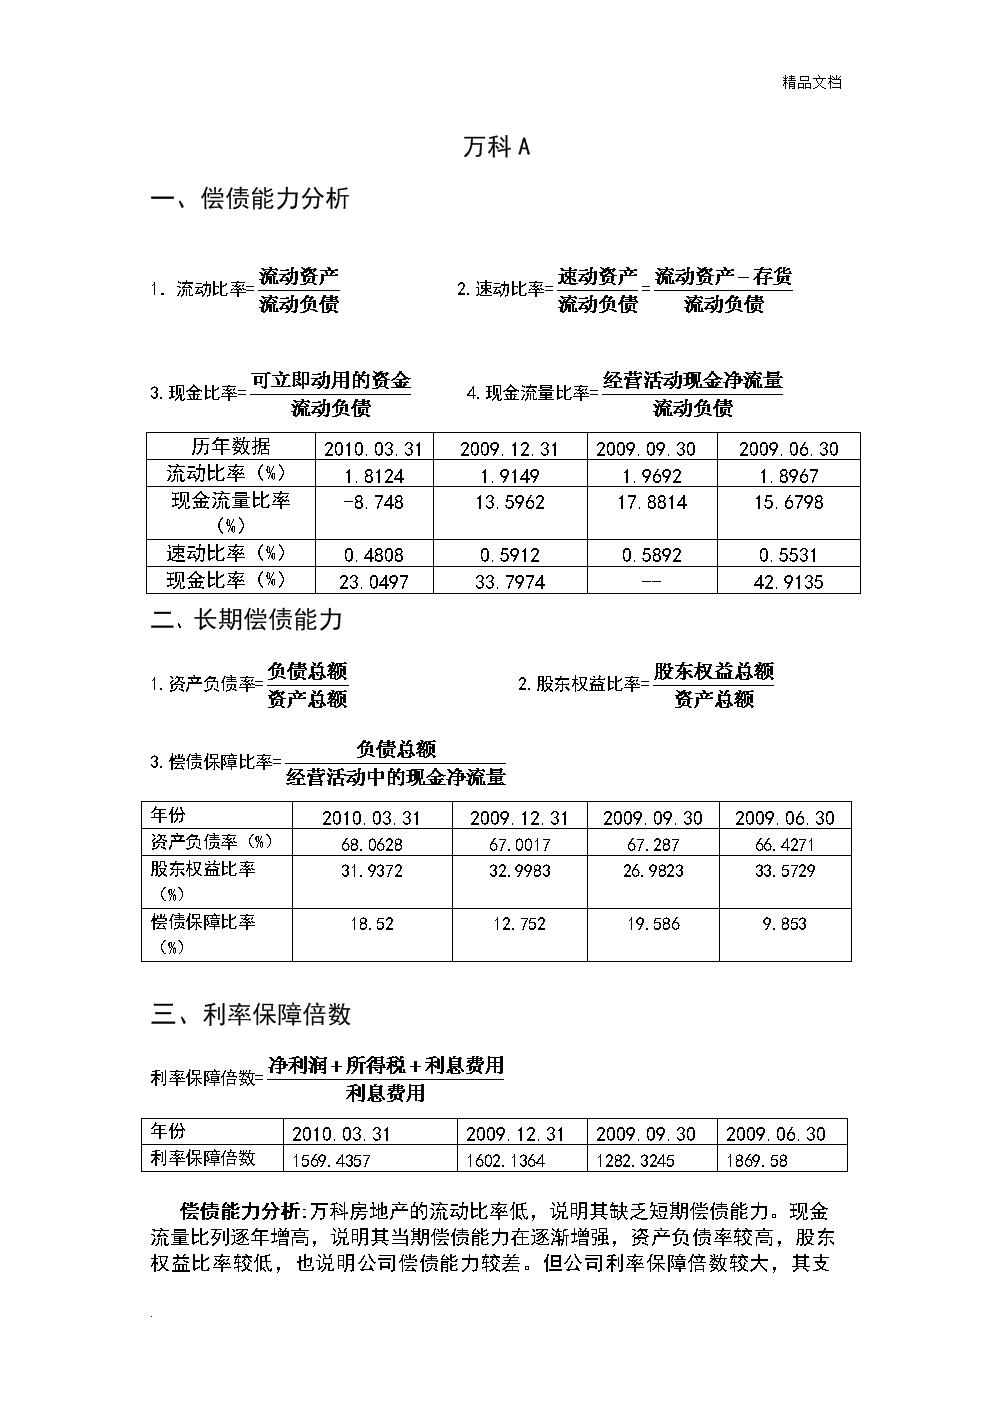 《2019电大财务报表分析》.doc